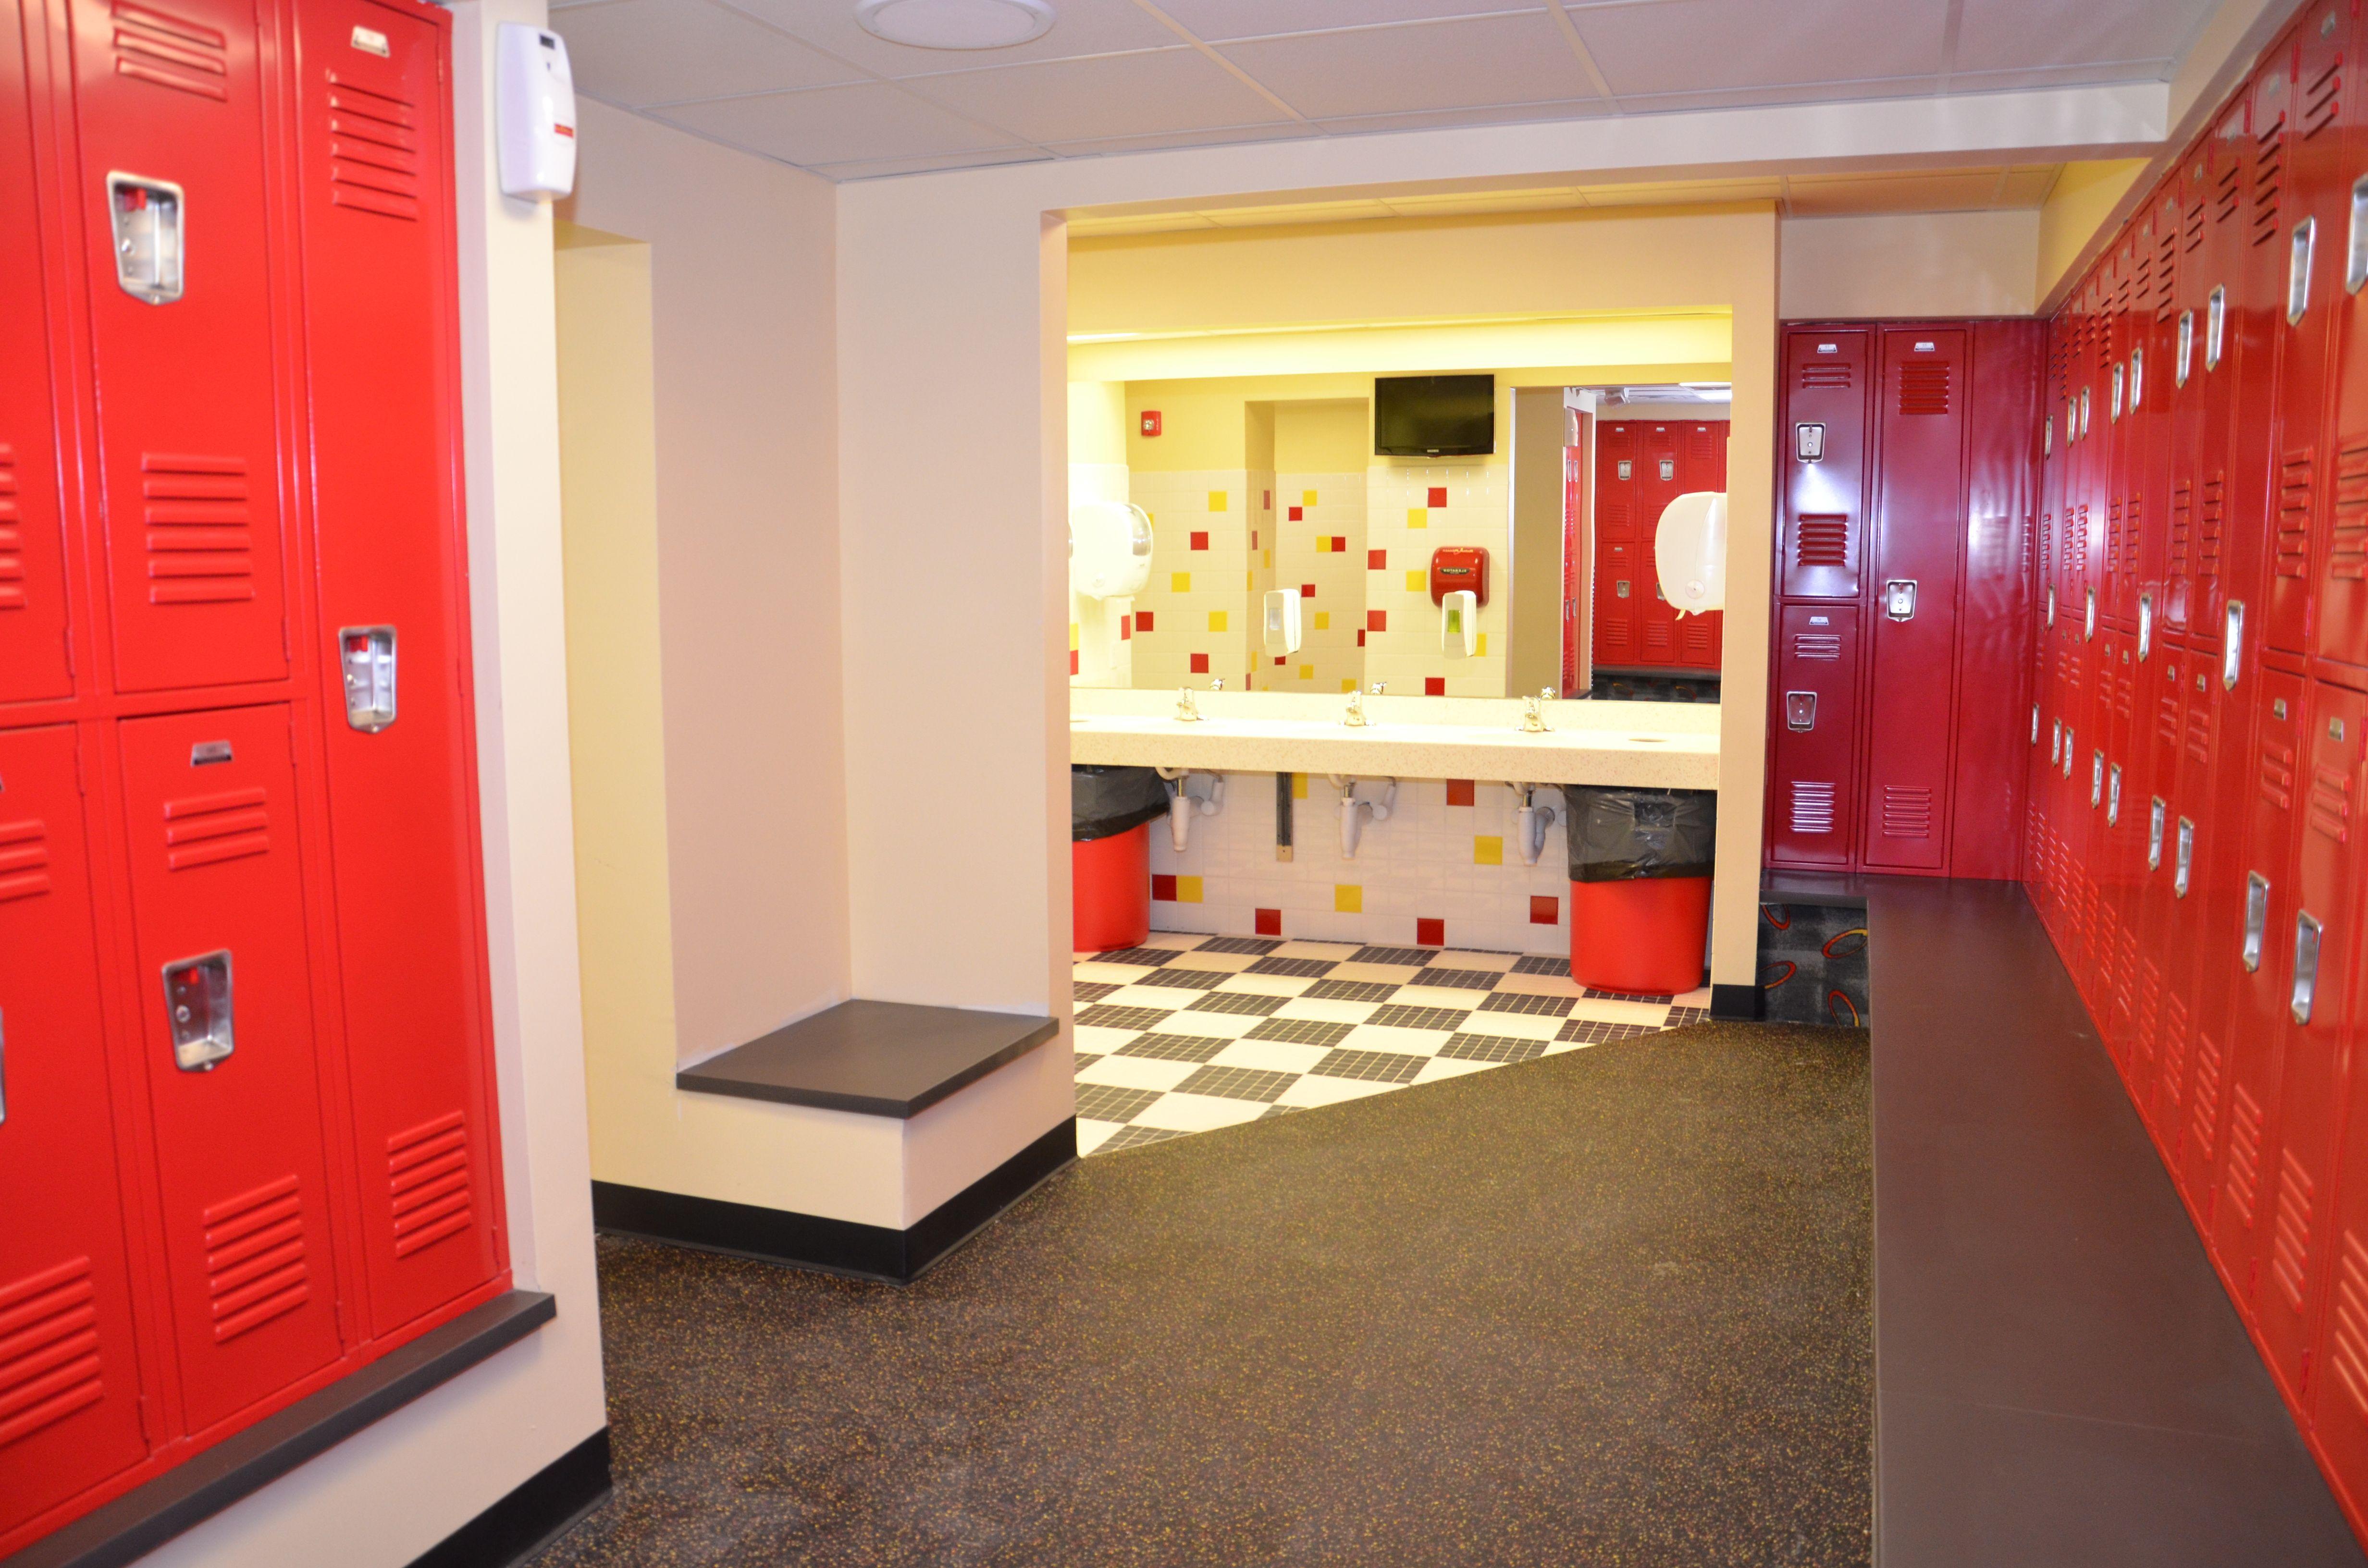 Womens locker room | Retro Fitness Tenafly Facility pics | Pinterest ...